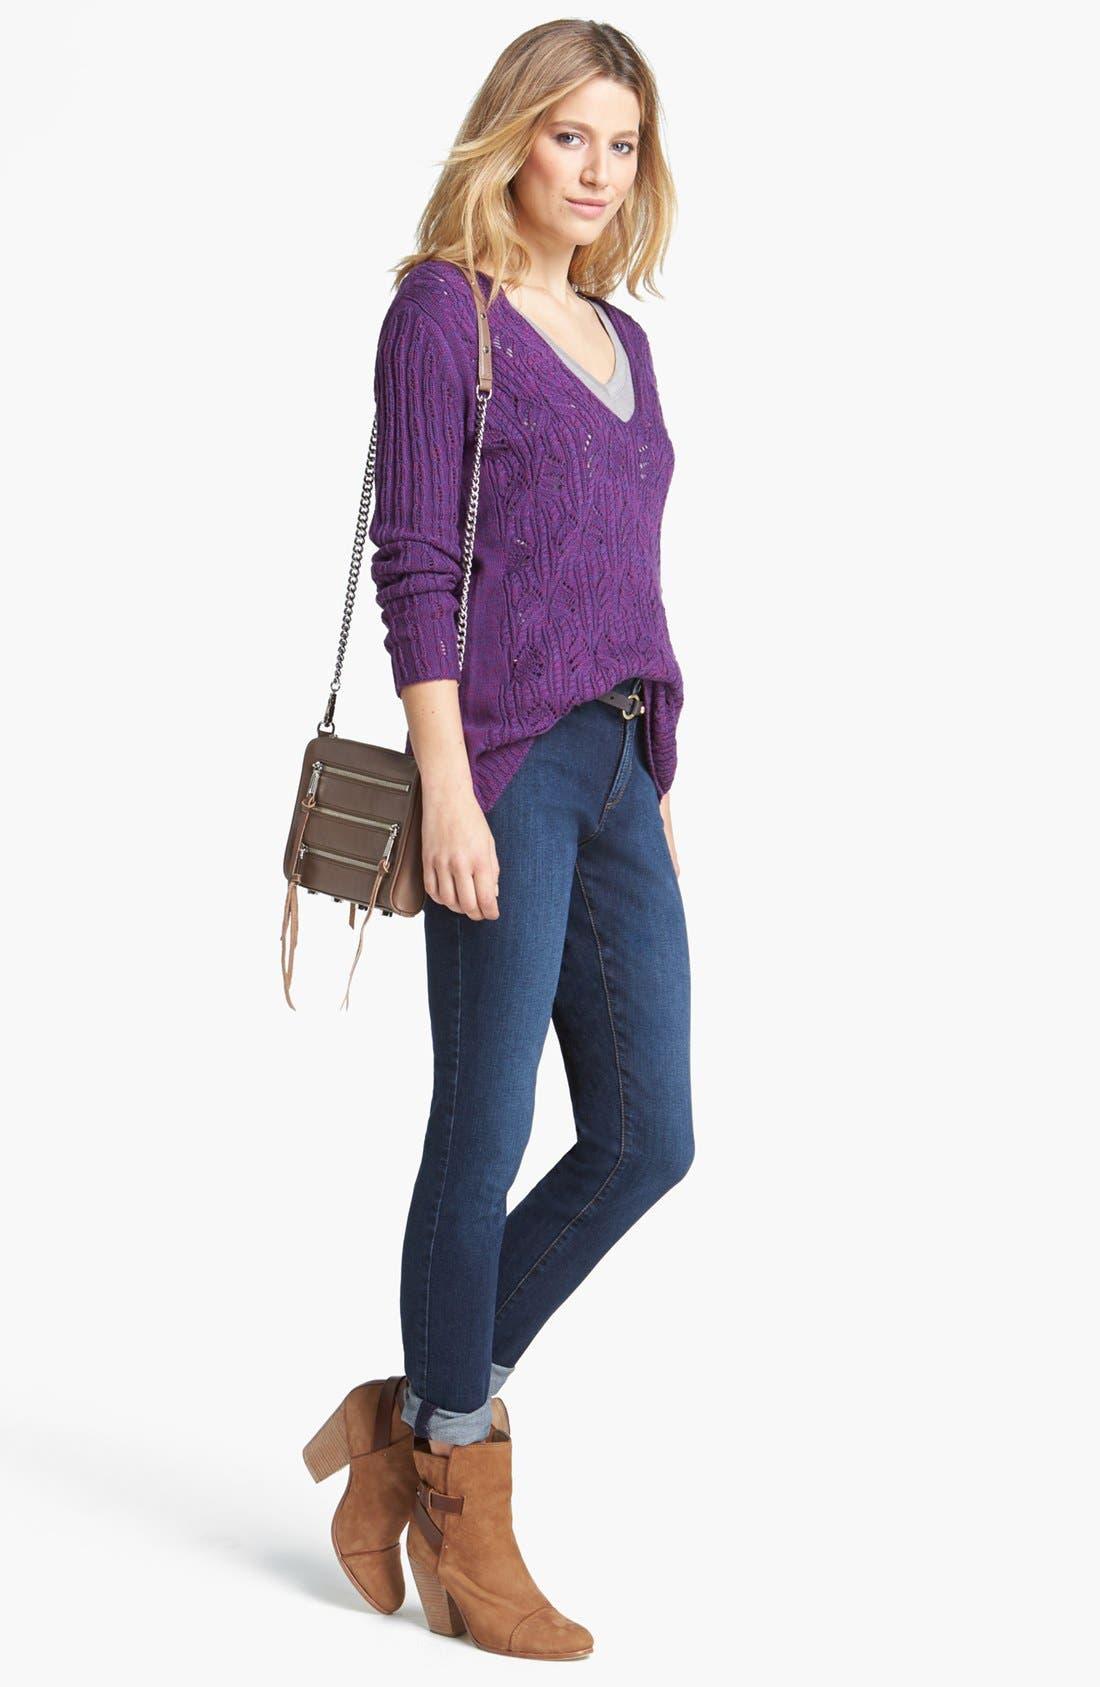 Main Image - Nic + Zoe Sweater & NYDJ Skinny Boyfriend Jeans